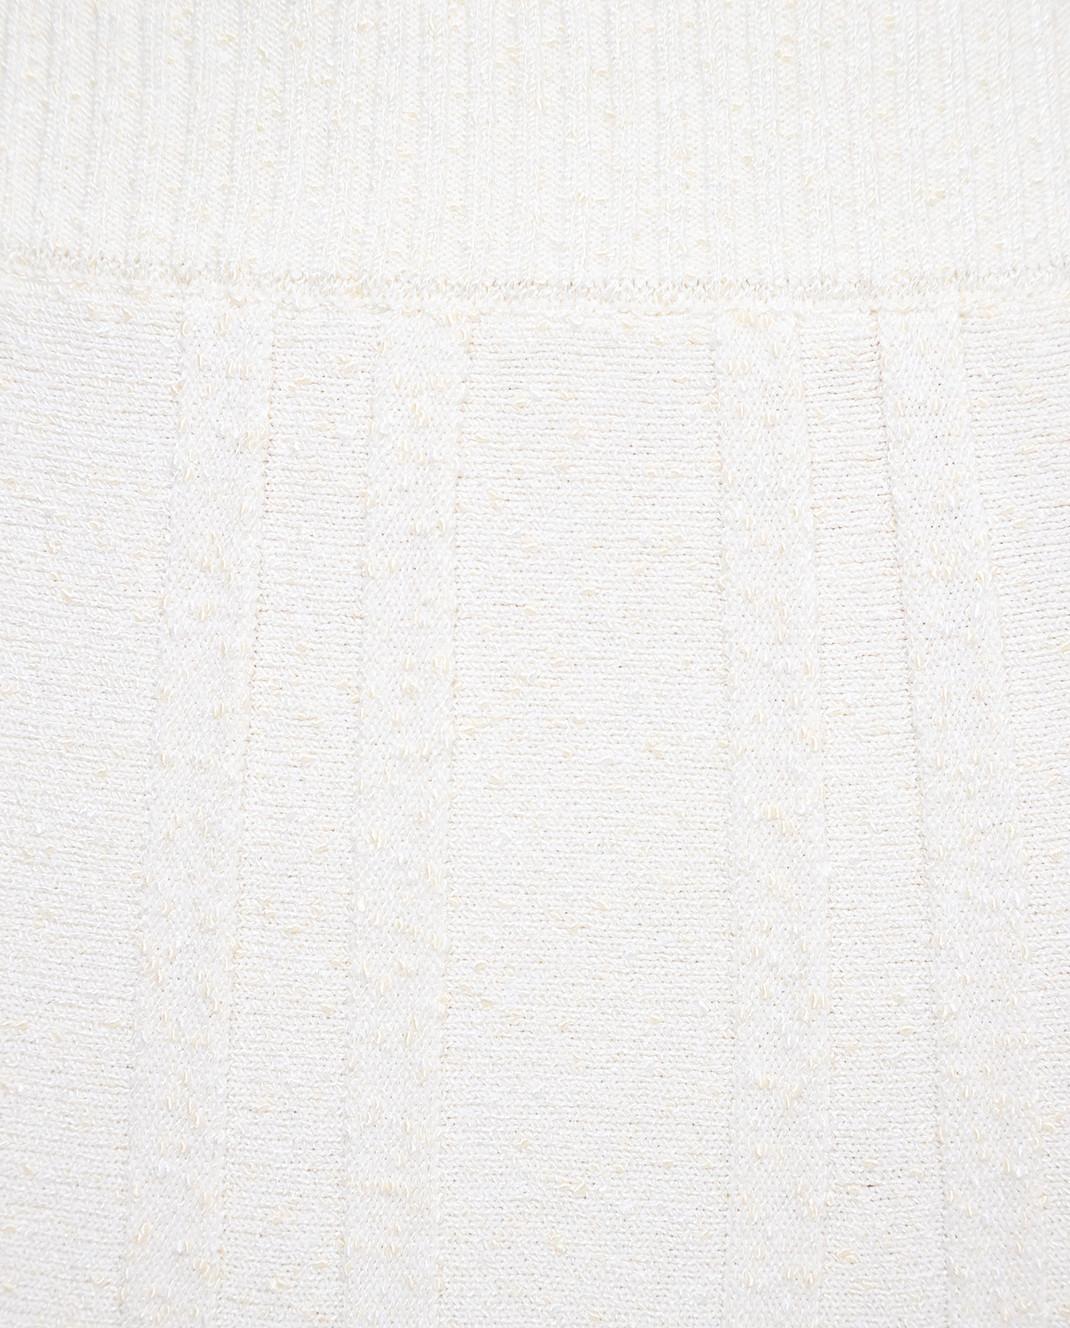 Altuzarra Светло-бежевая юбка 119814920 изображение 5